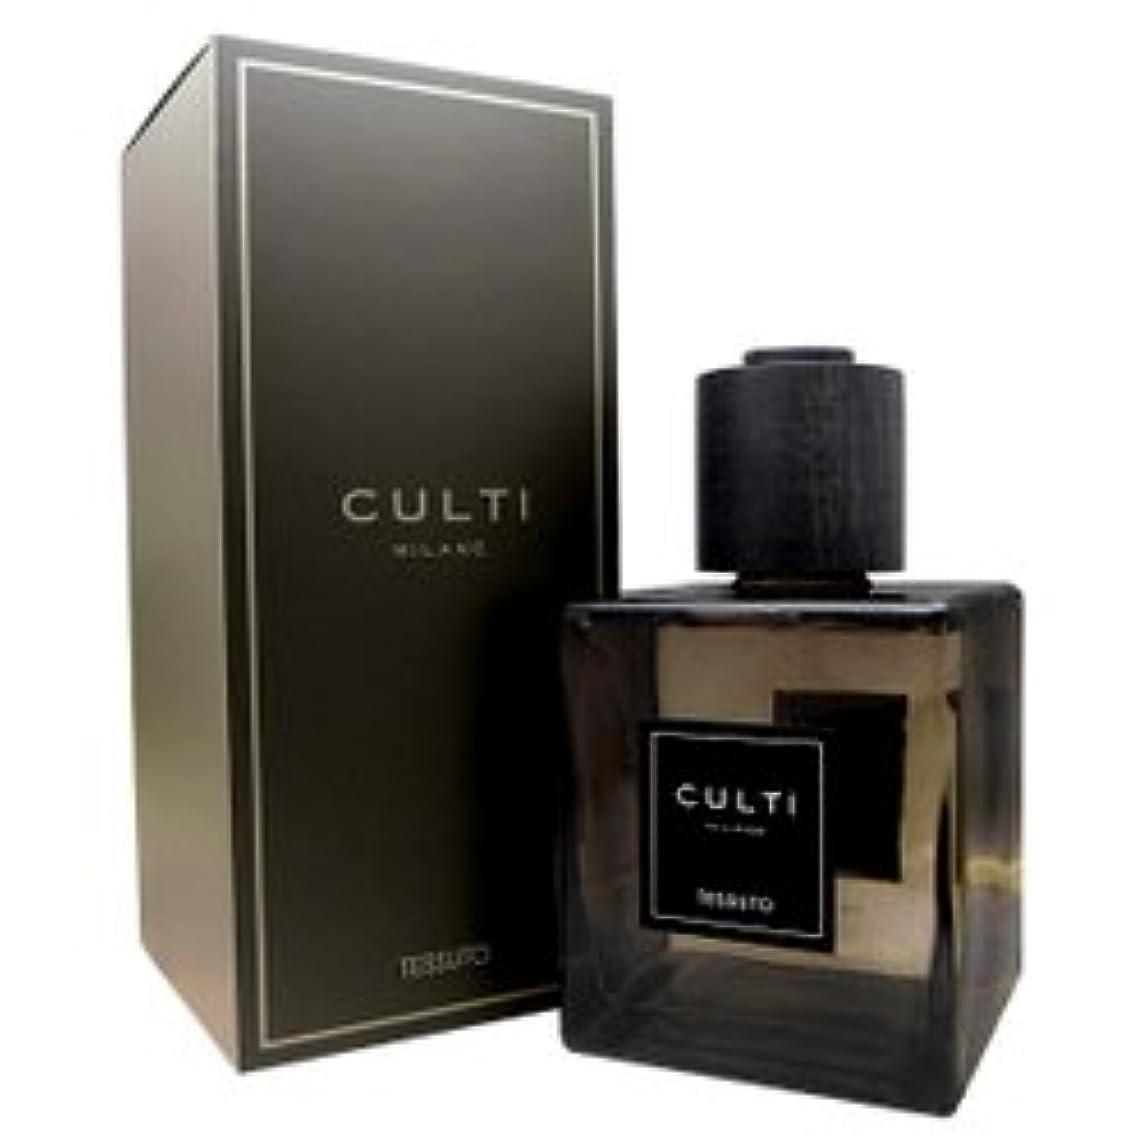 望む必需品自然【CULTI】クルティ デコールクラシック TESSUTO 500ml [並行輸入品]